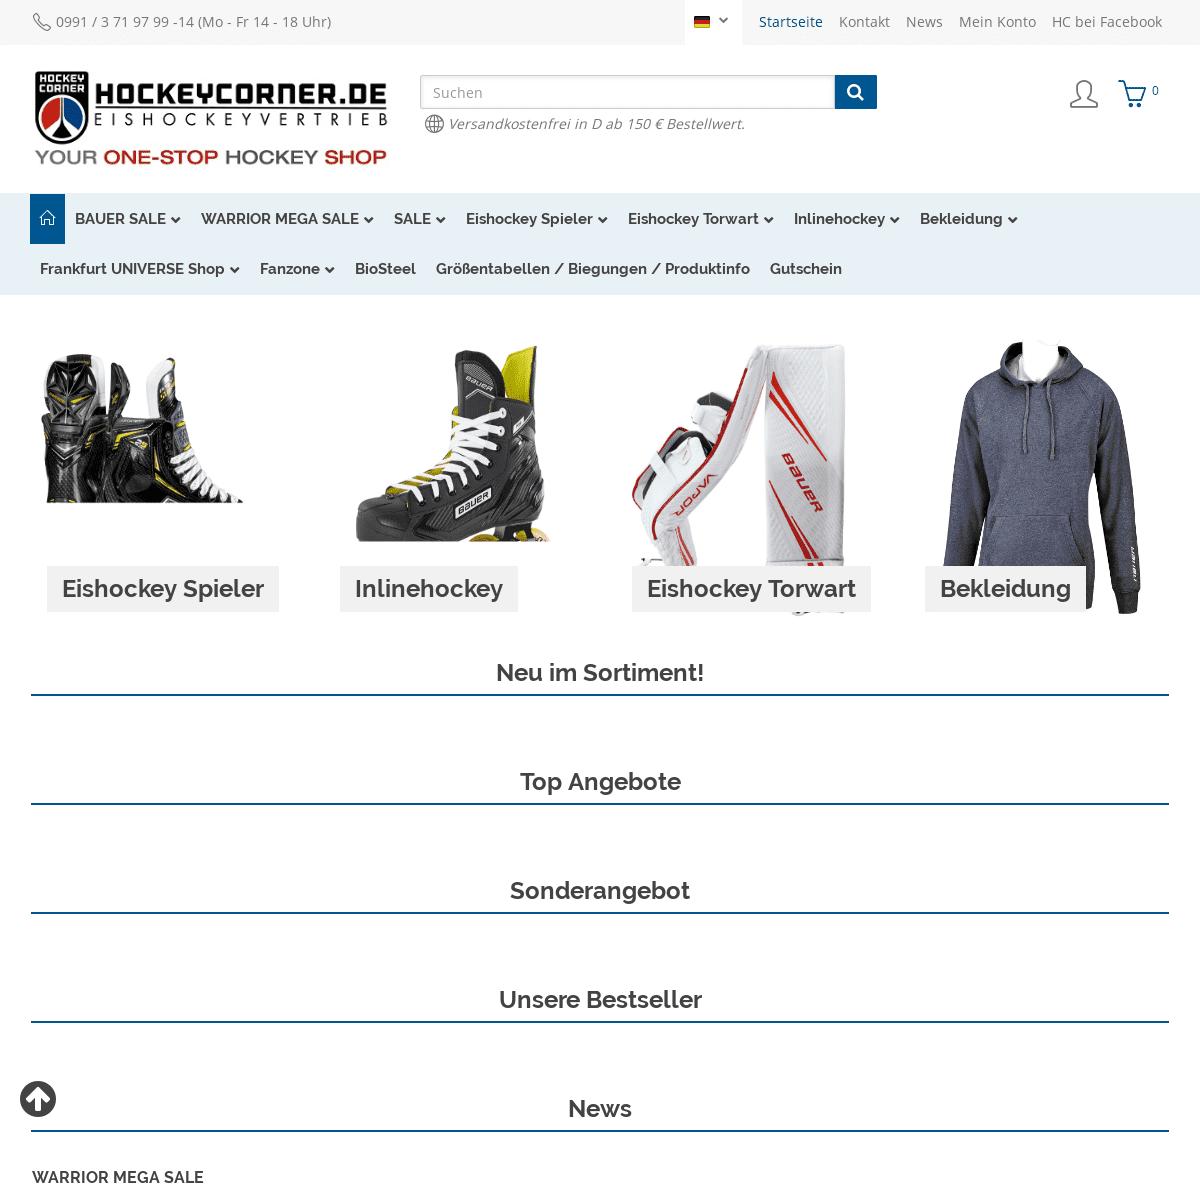 Hockeycorner- Eishockey und Feldhockey Ausrüstung und Zubehör